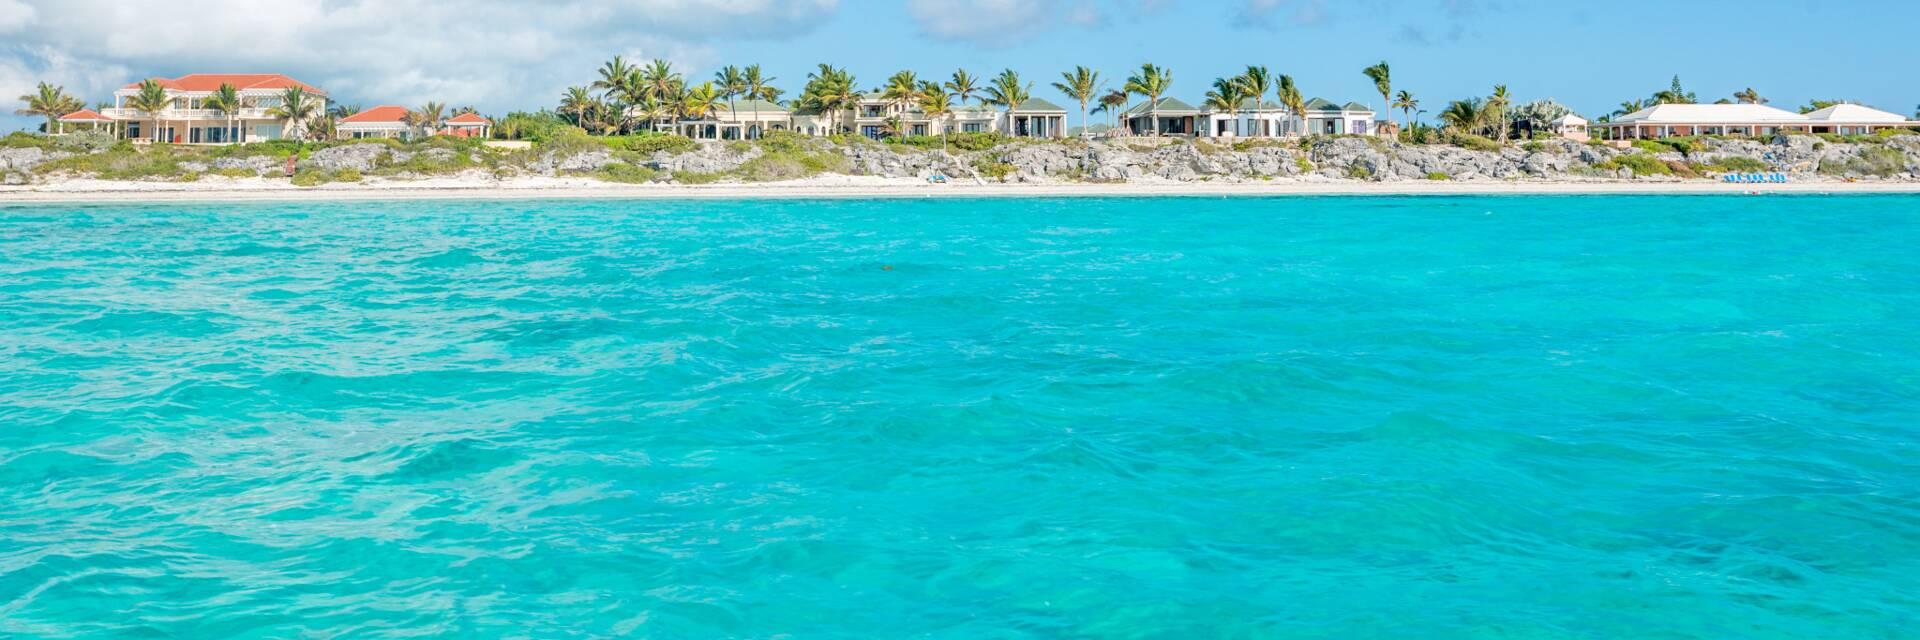 providenciales vacation villa rentals   visit turks and caicos islands